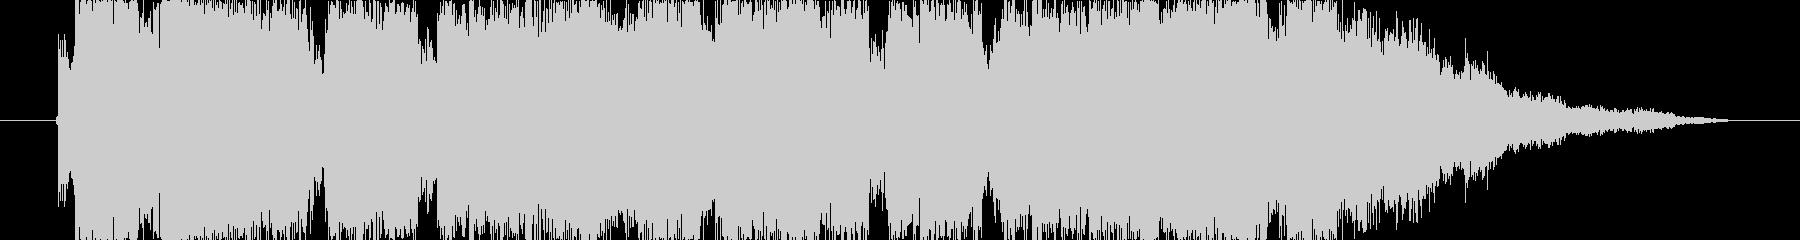 15秒の洋楽系60・70年代ロック調の未再生の波形